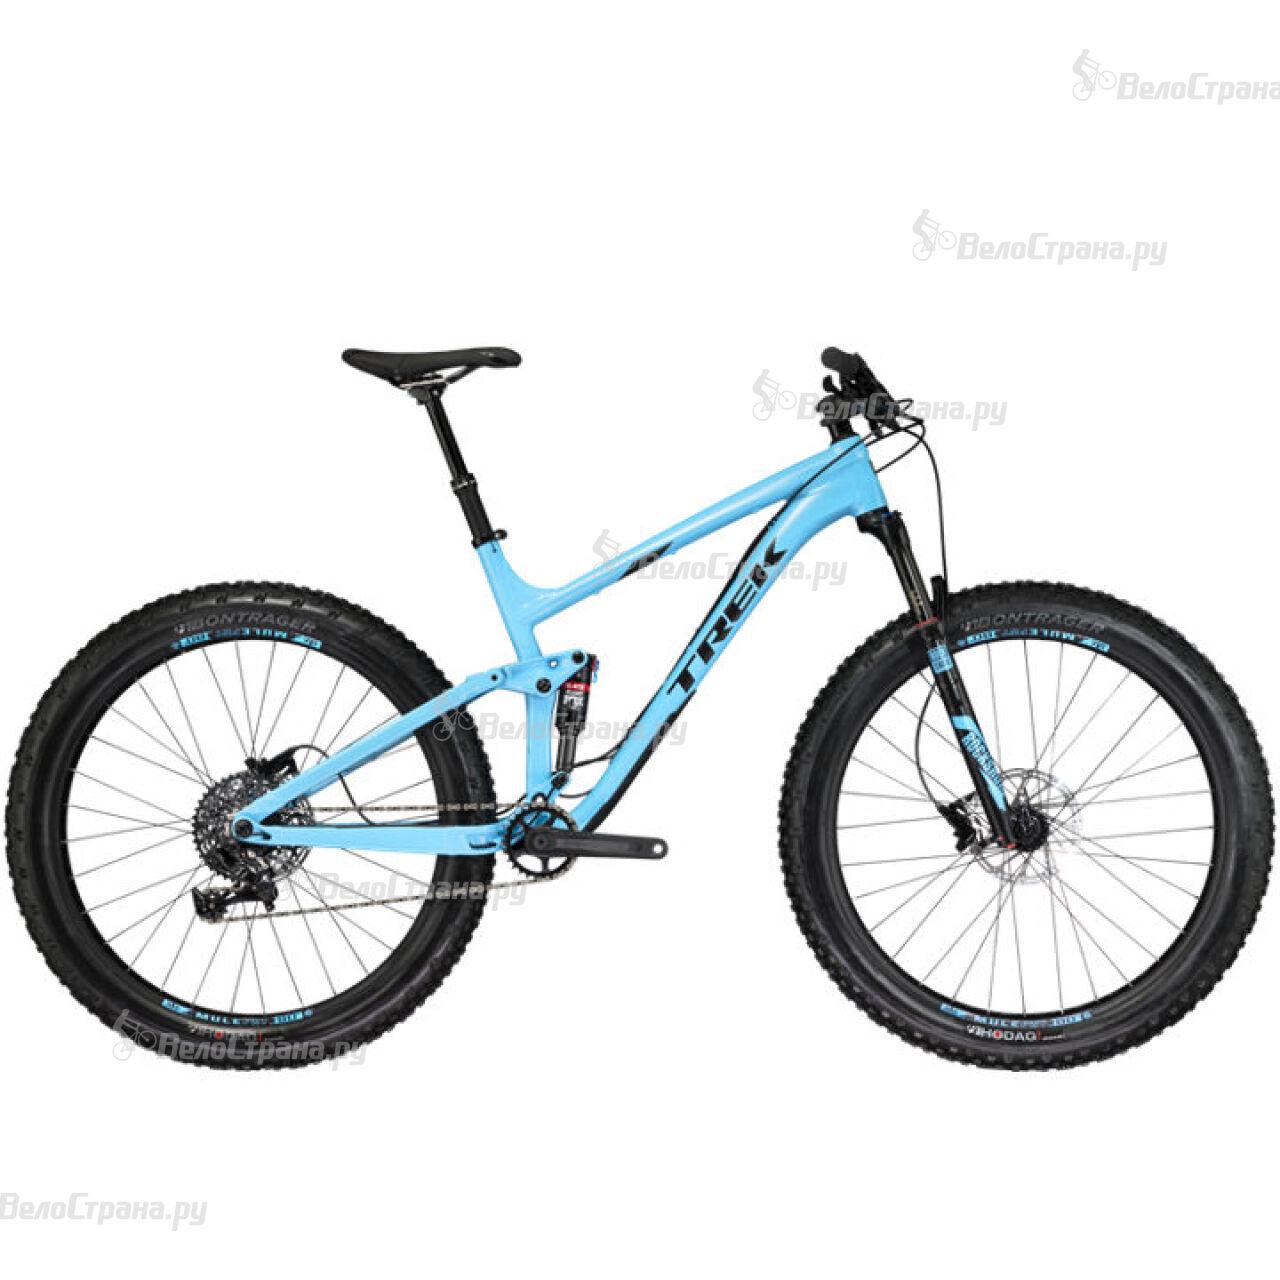 Велосипед Trek Farley EX 8 (2017) велосипед trek fuel ex 9 29 2017